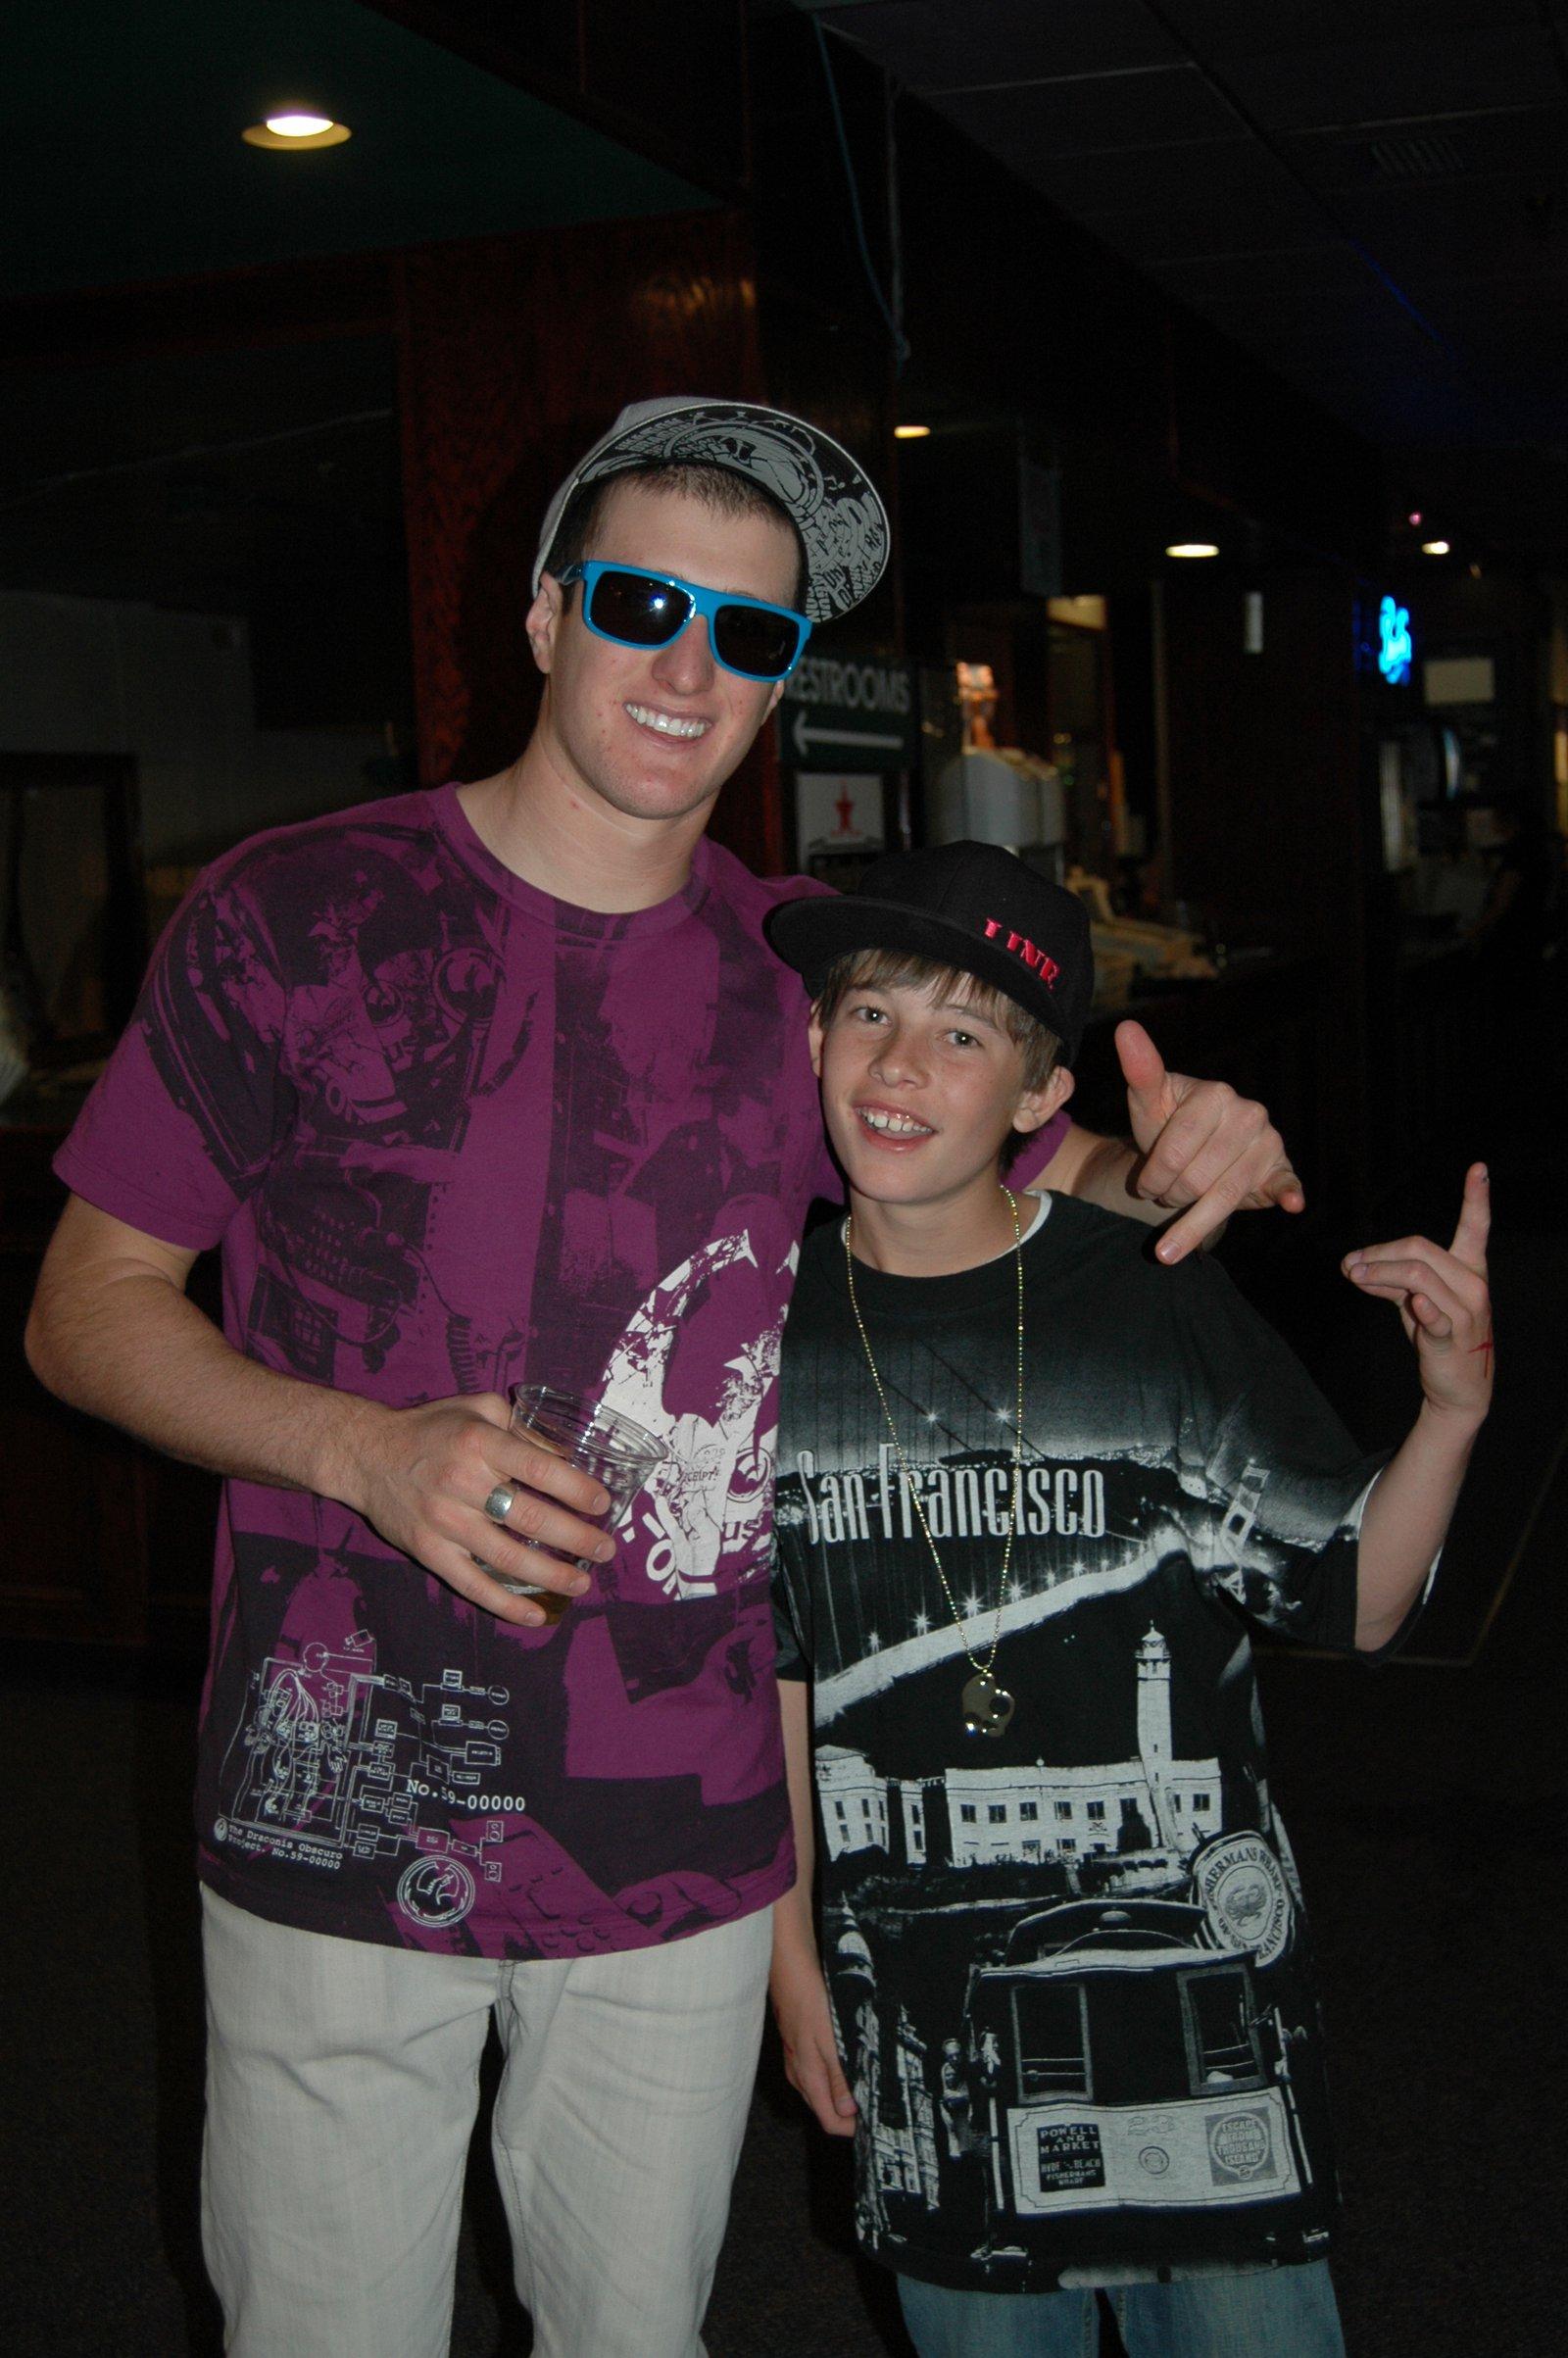 Me and Chris Benchetler